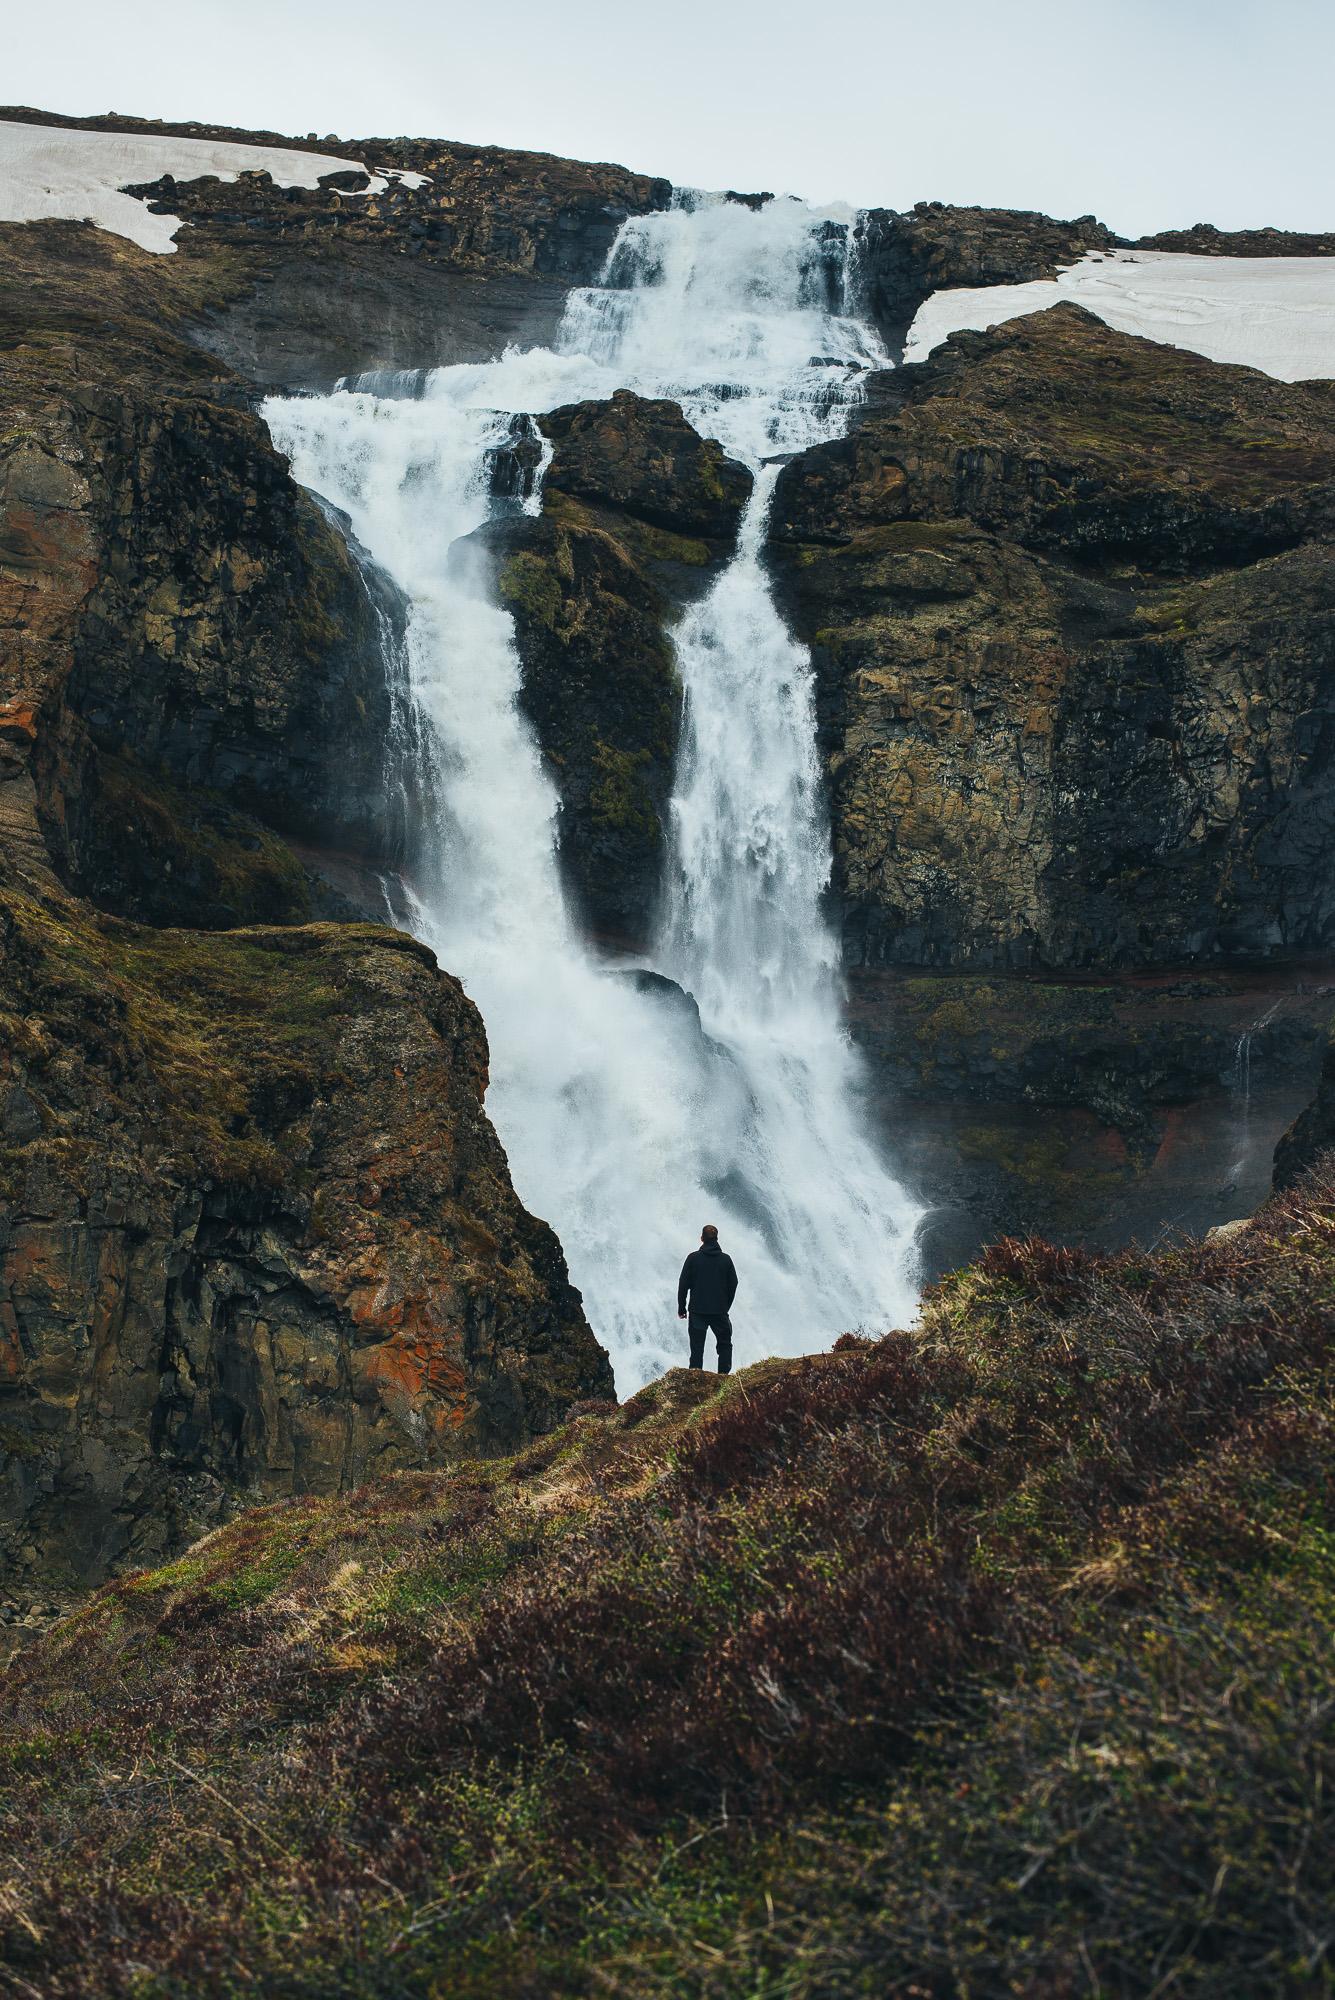 Rjukandi waterfall.